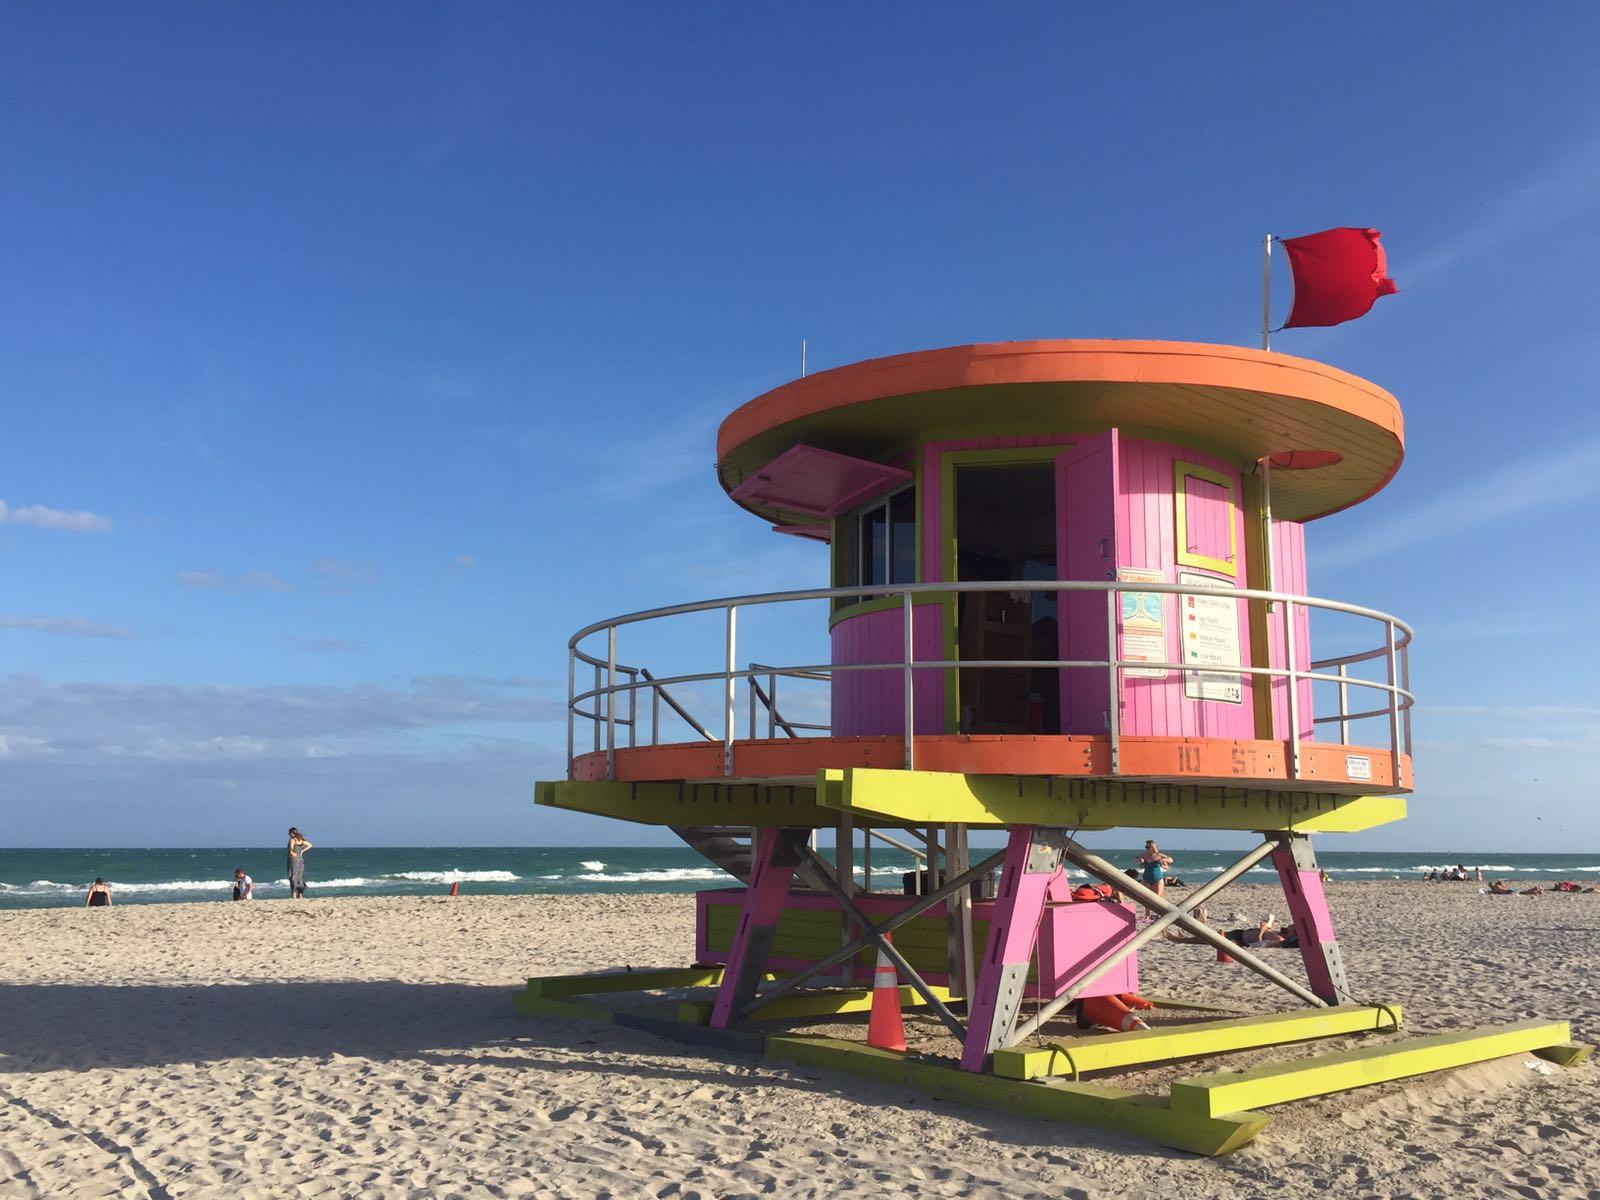 Am Strand von Florida mit Teenagern